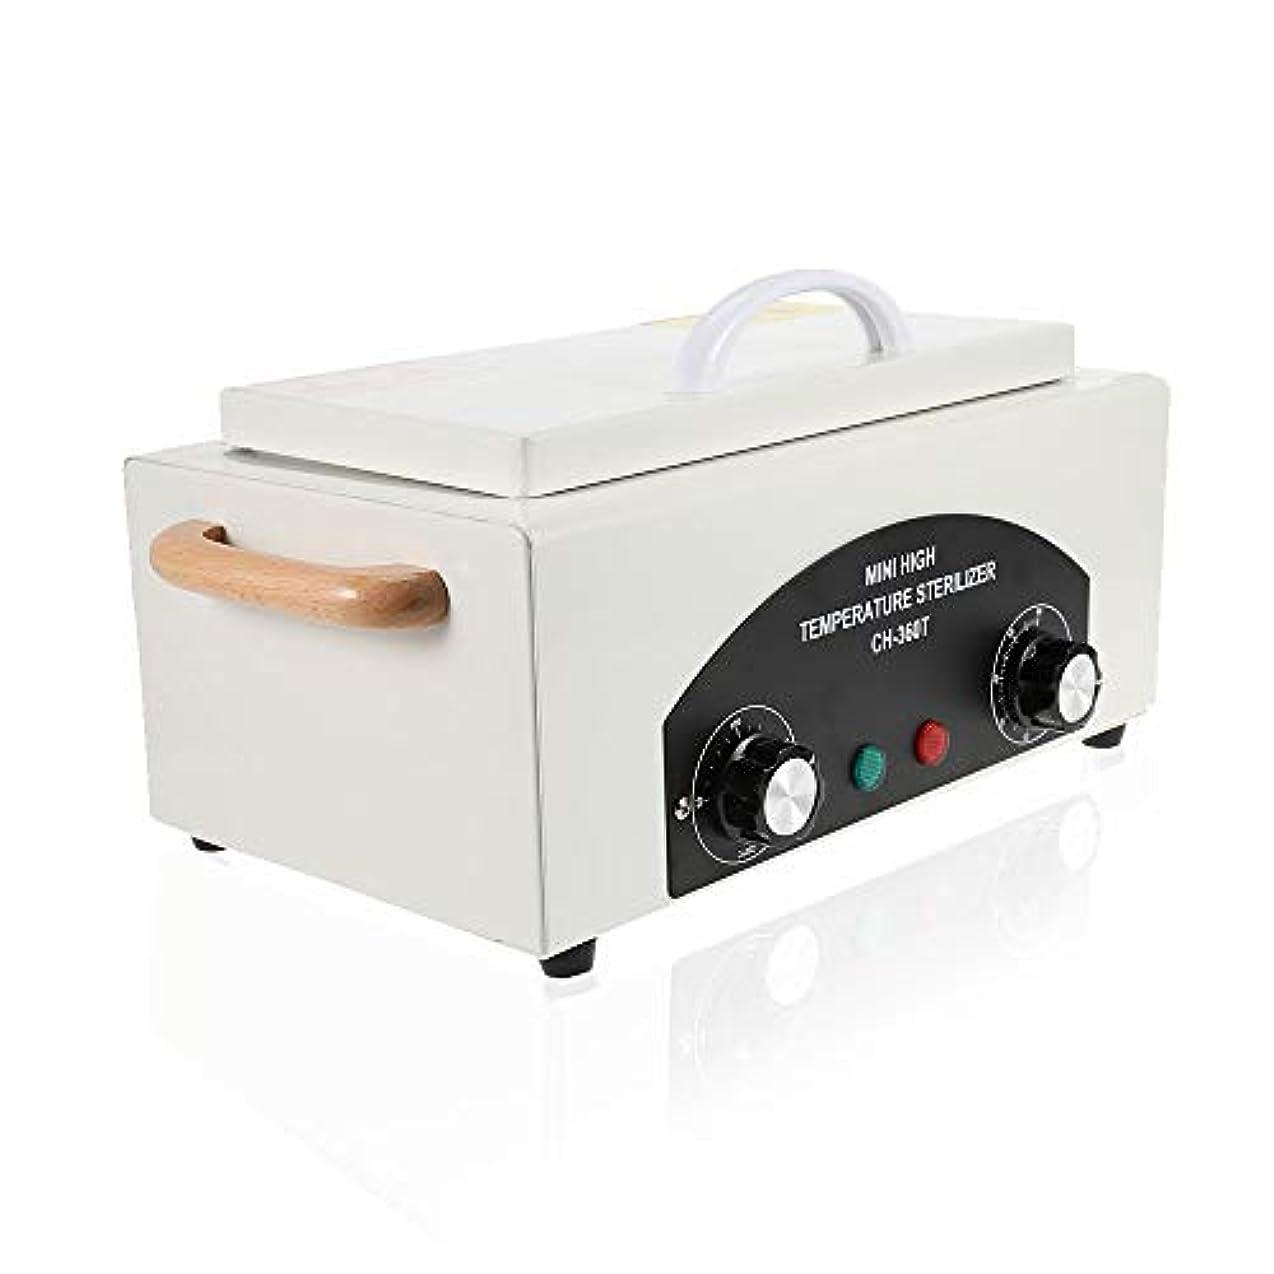 アジャ改善スチュワードプロフェッショナル高温滅菌ボックスネイルアートサロンポータブル滅菌ツールマニキュアネイルツール乾熱滅菌器